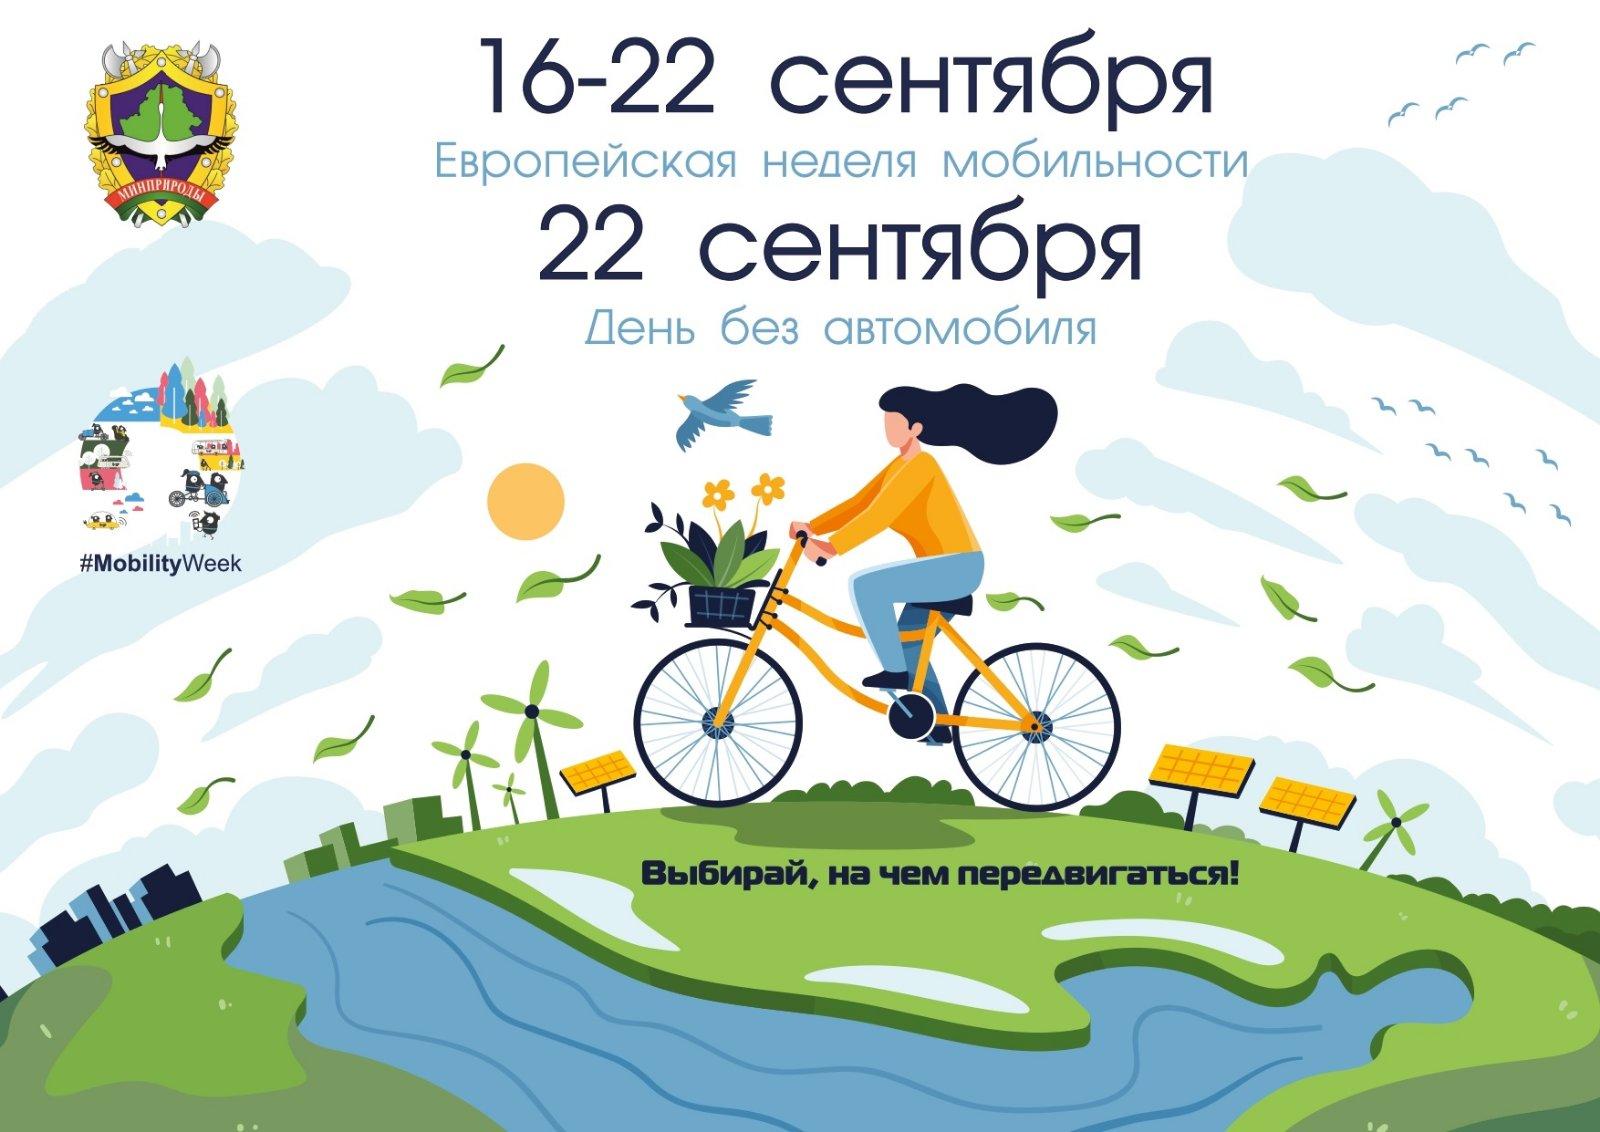 Могилевчане могут принят участие вЕвропейской неделе мобильности